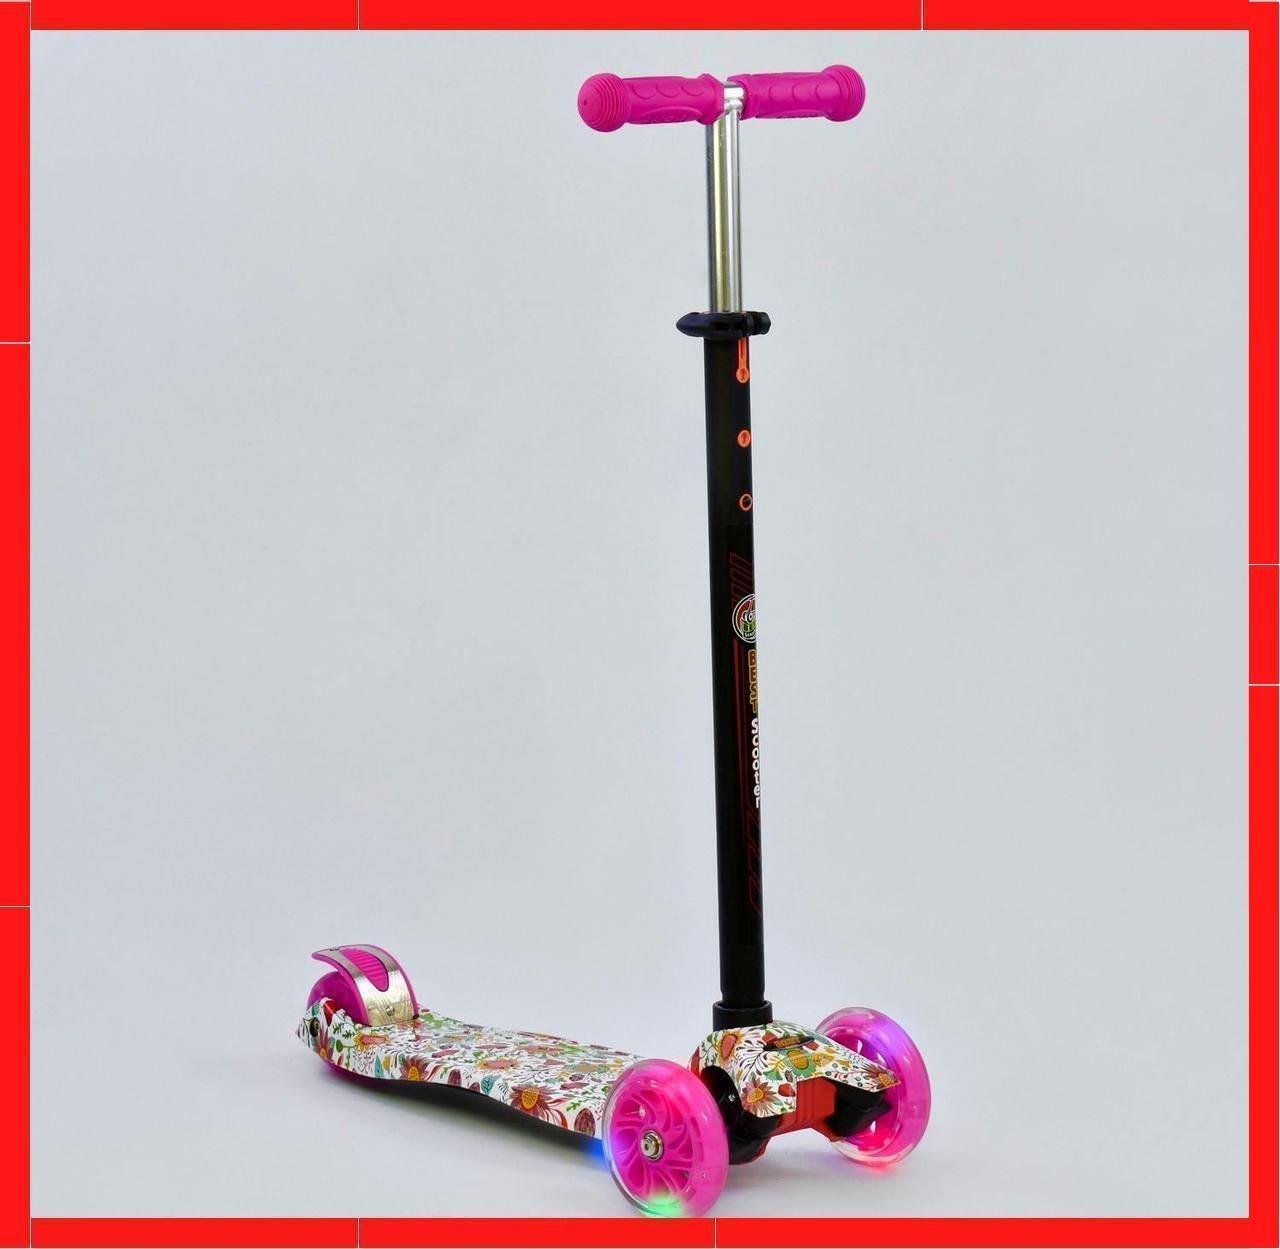 Купить Самокат Best Scooter Розовый самокат для девочки 3-6 лет Детский трехколесный самокат Самокат для ребенка